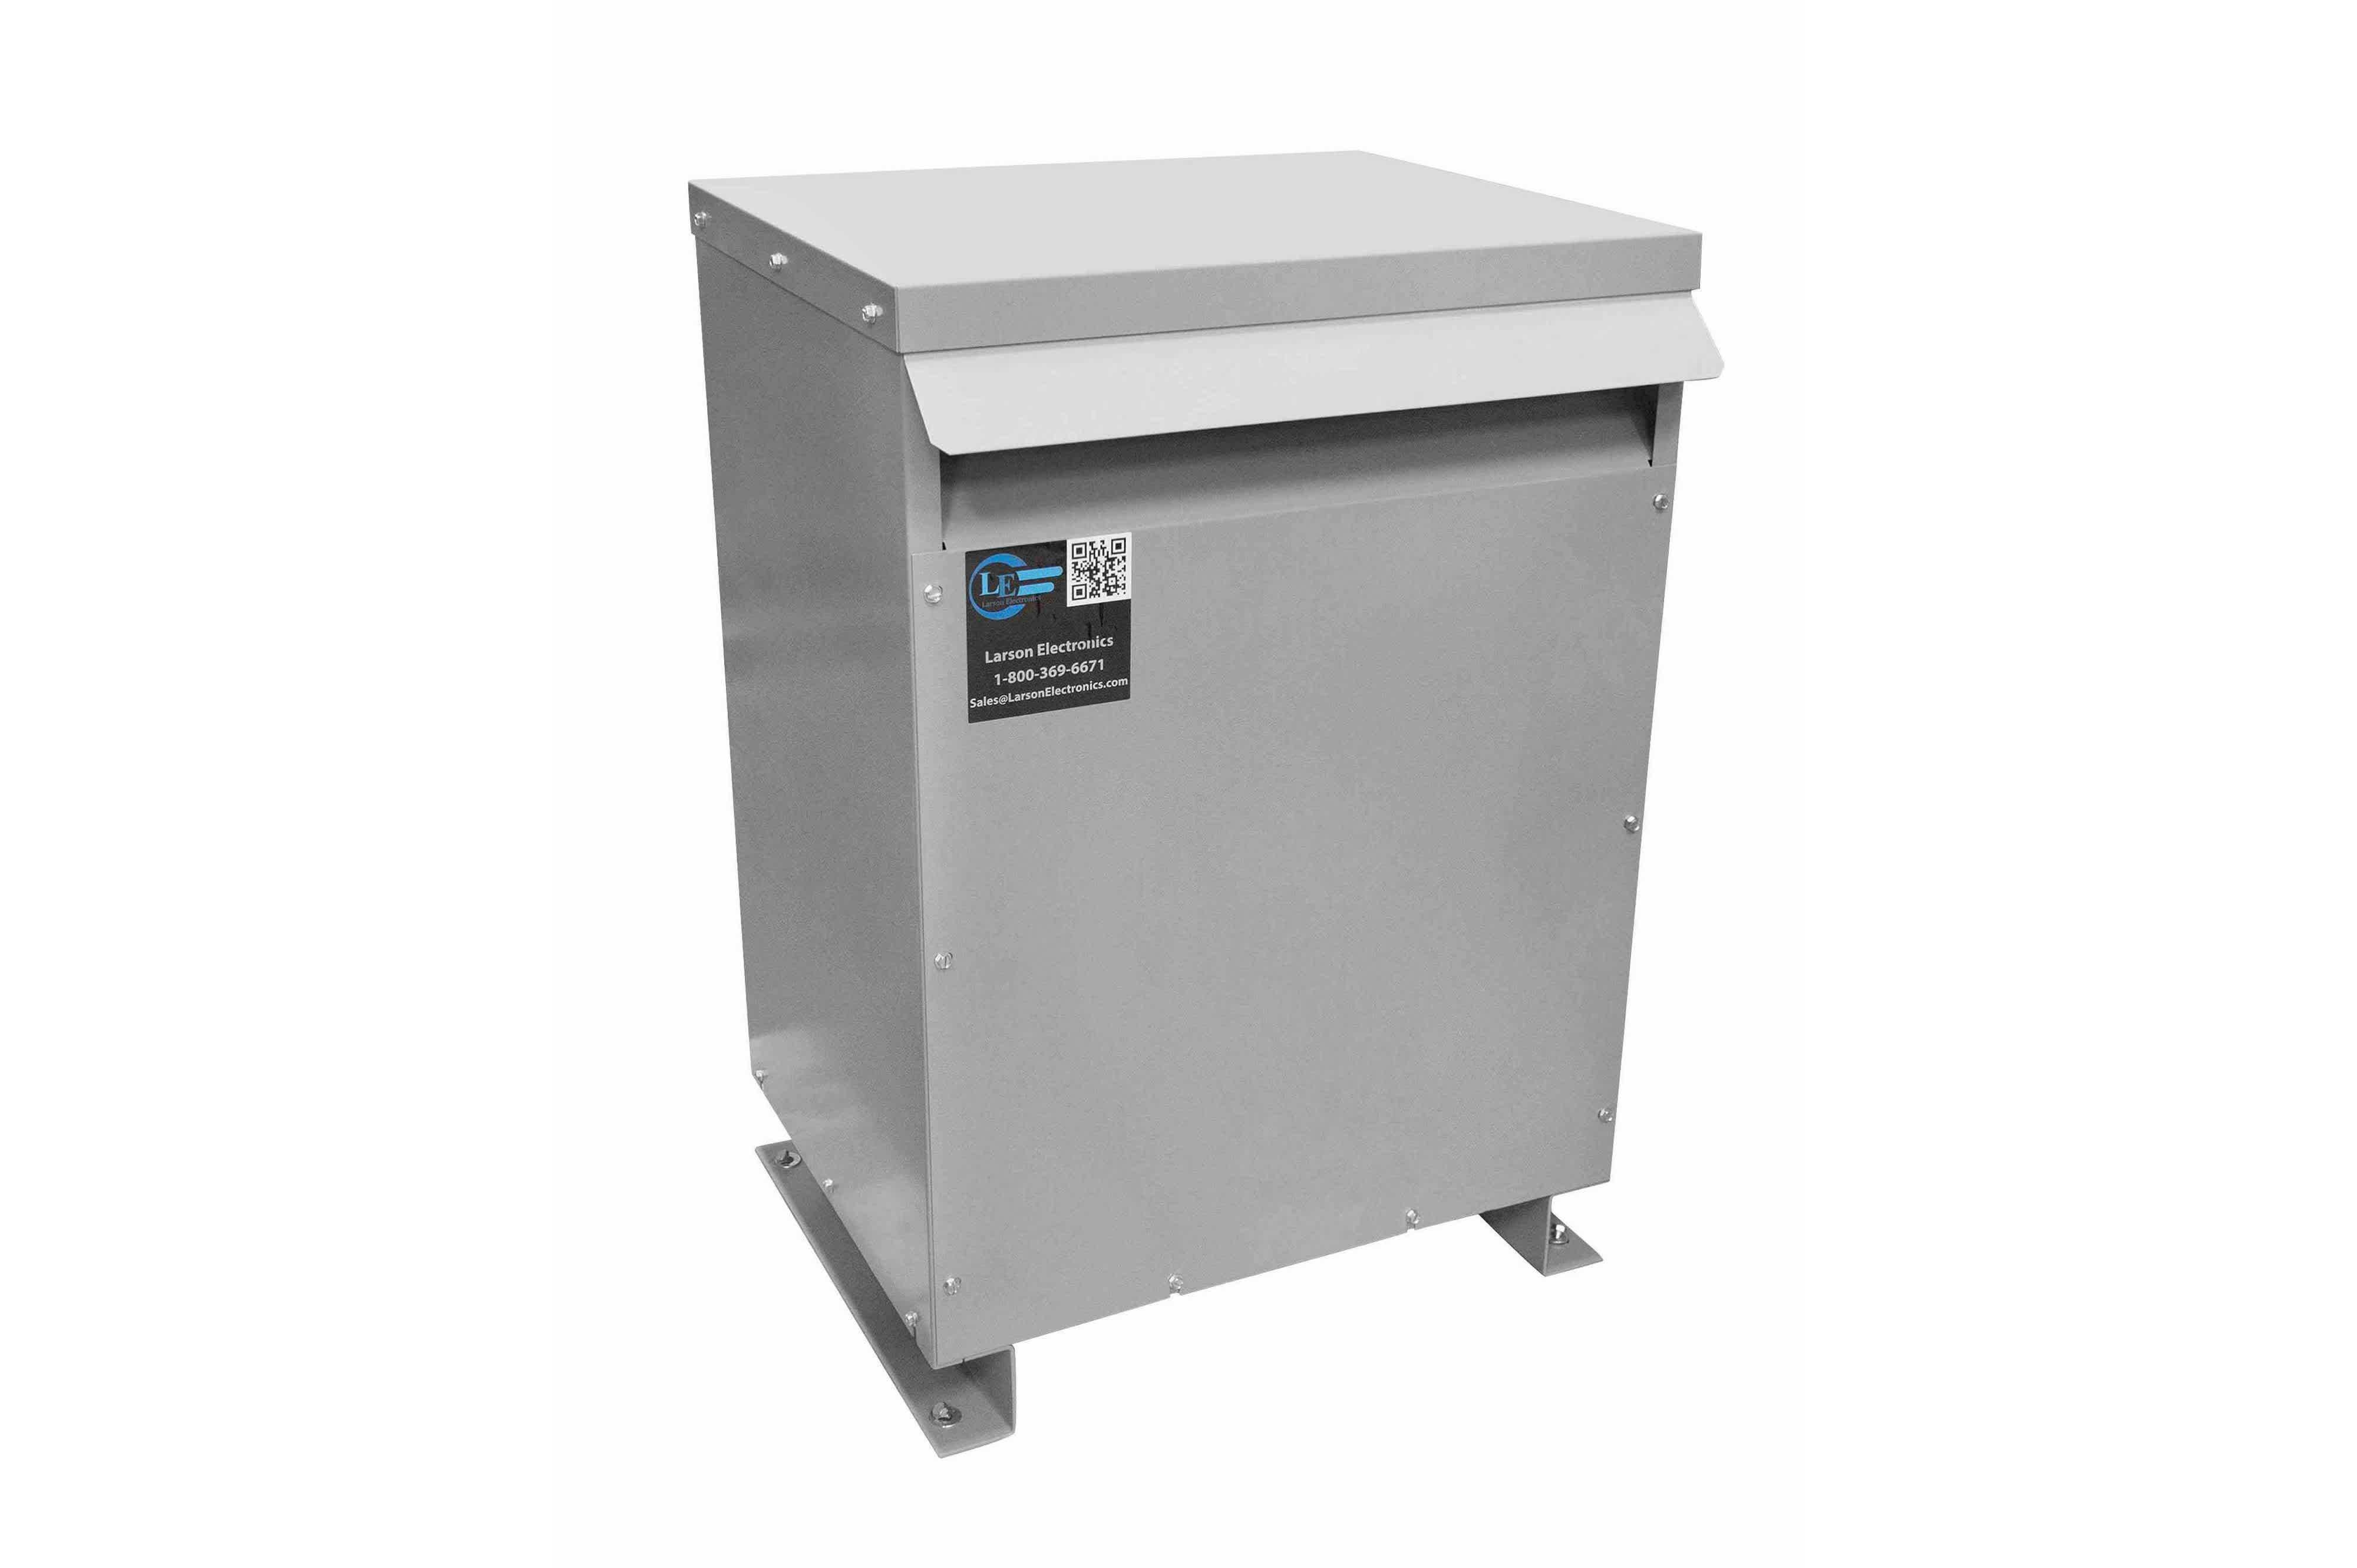 10 kVA 3PH Isolation Transformer, 380V Delta Primary, 208V Delta Secondary, N3R, Ventilated, 60 Hz